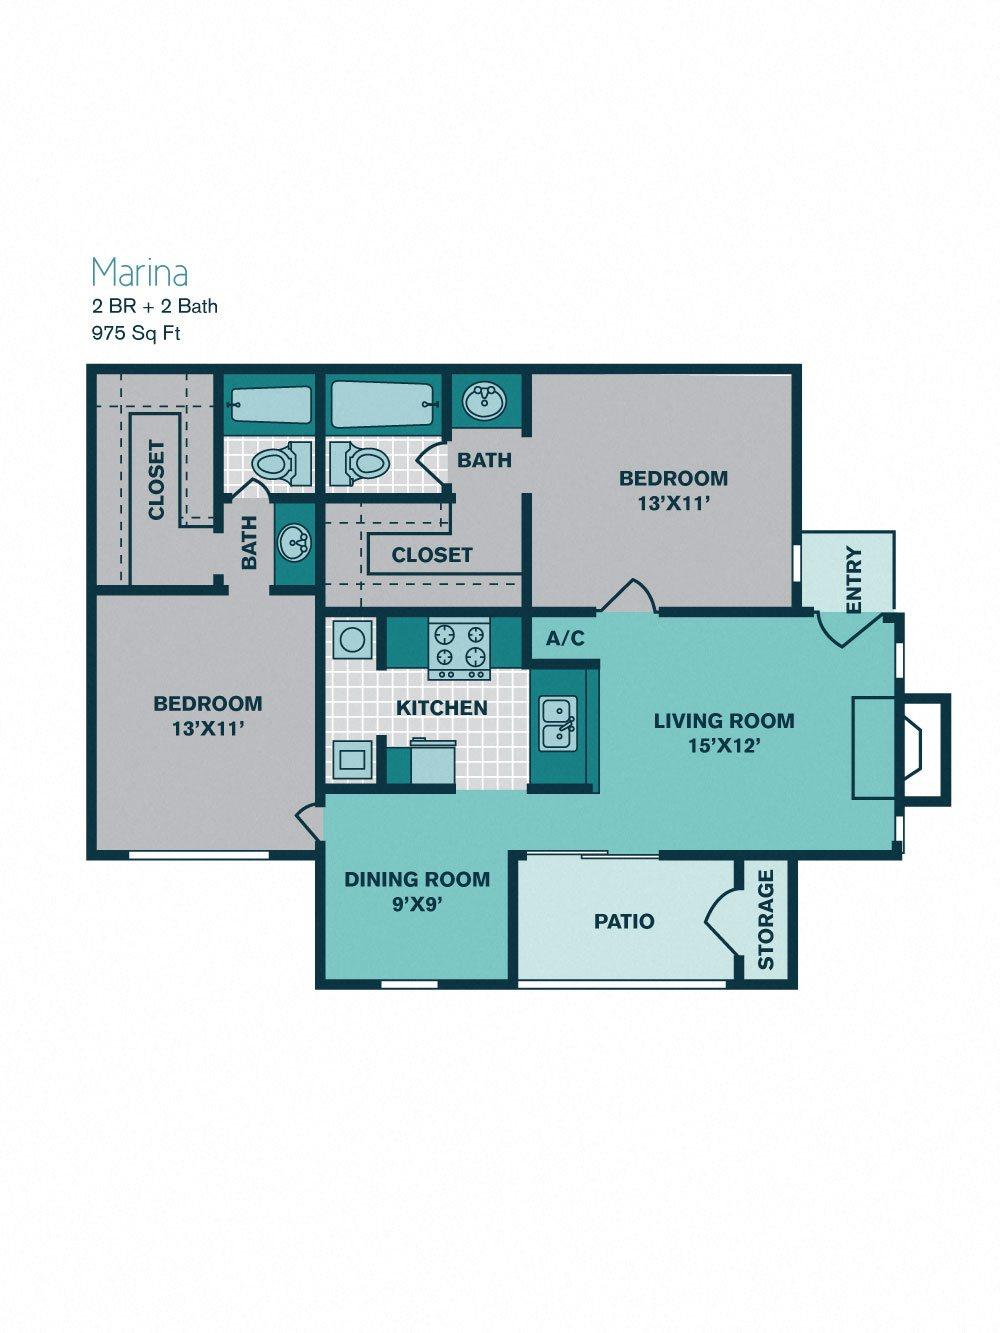 2 Bed/ 2 Bath B2 - 975sqft - MARINA Floor Plan 8